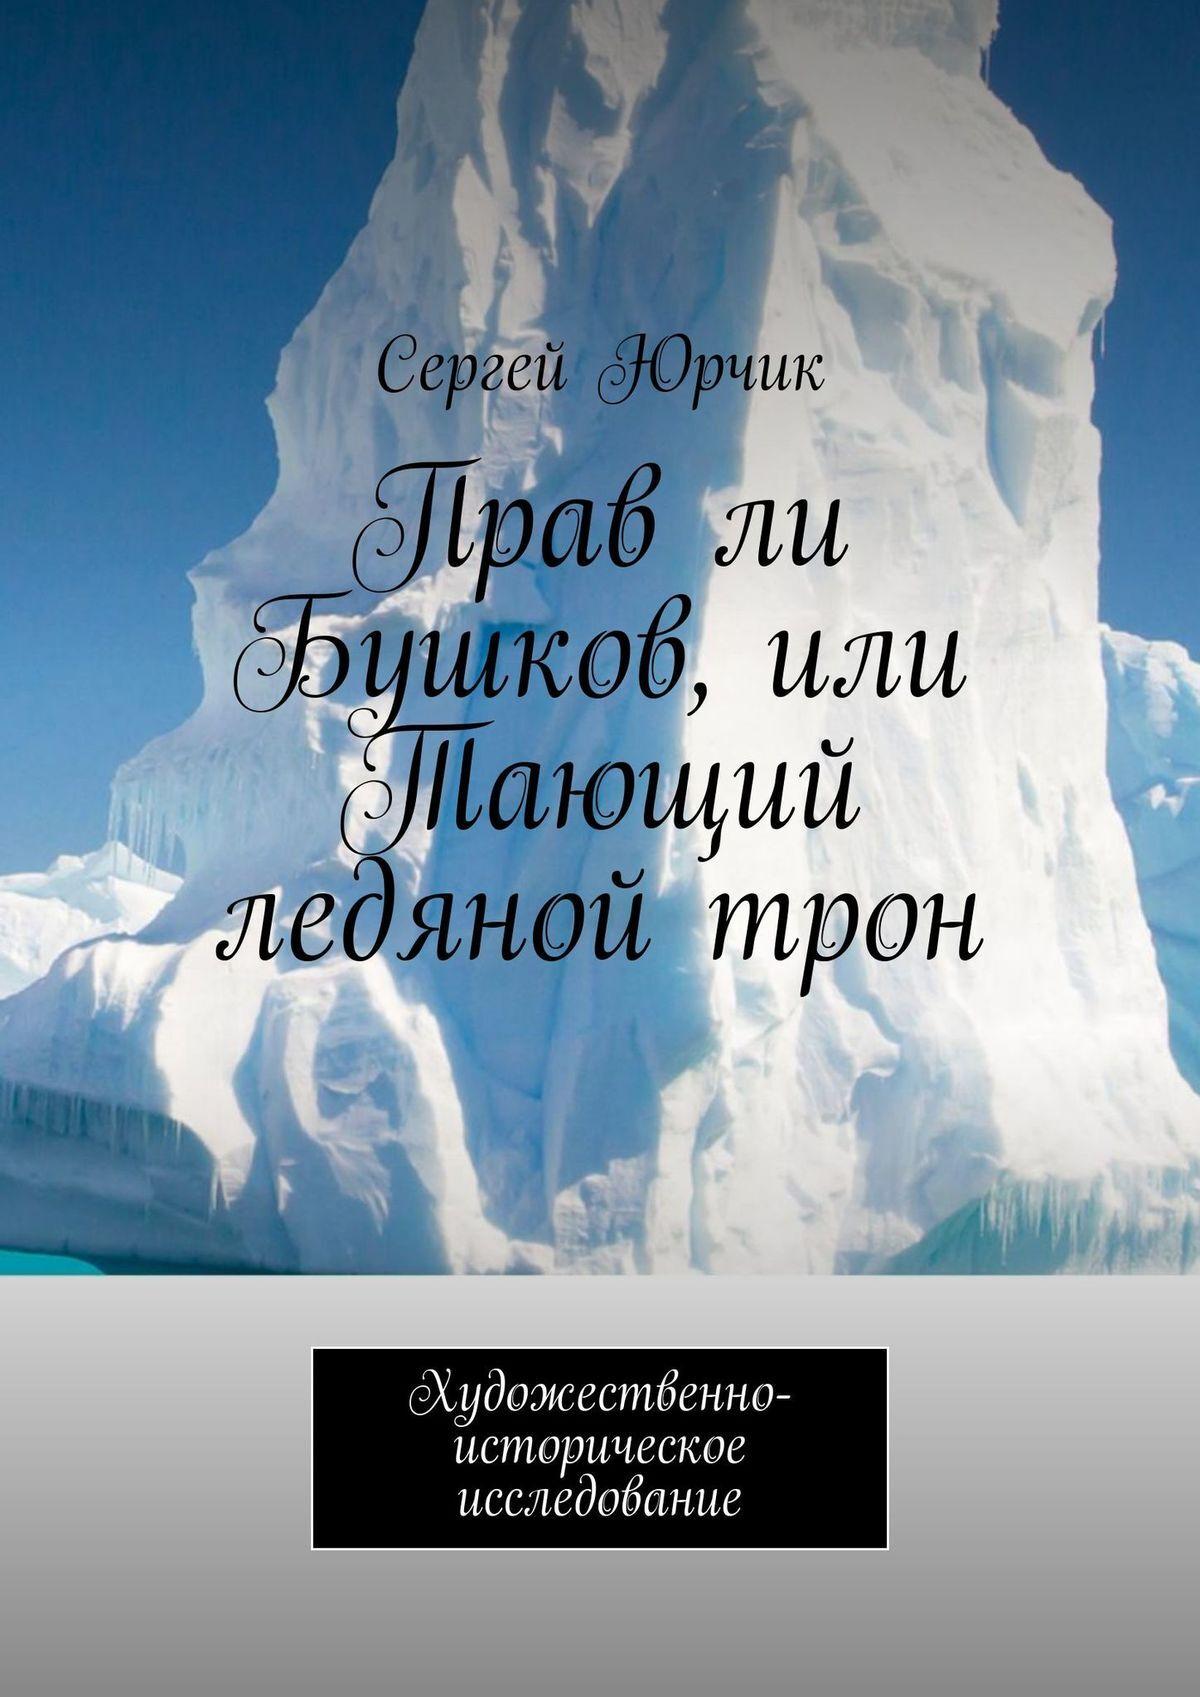 Сергей Александрович Юрчик Прав ли Бушков, или Тающий ледяной трон. Художественно-историческое исследование